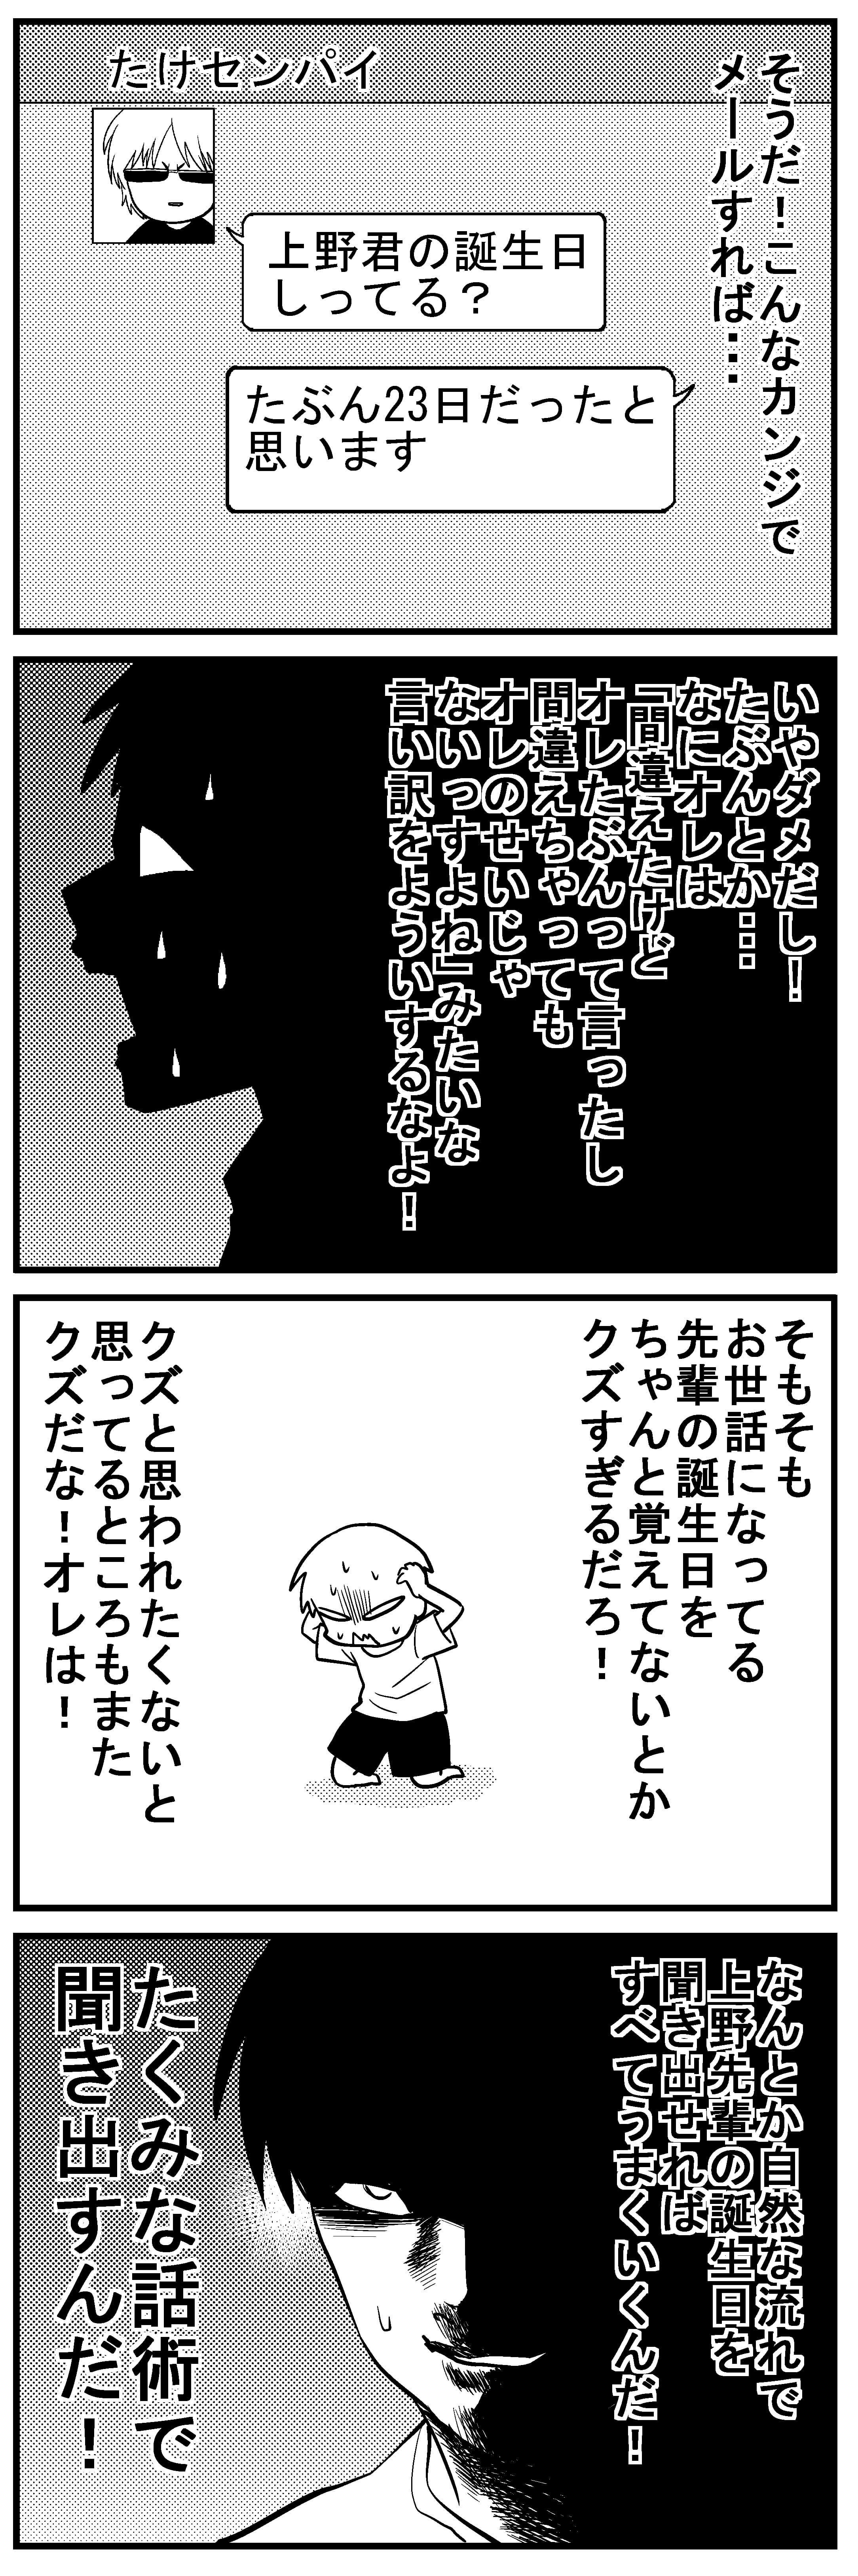 深読みくん11 のコピー 3 (1)